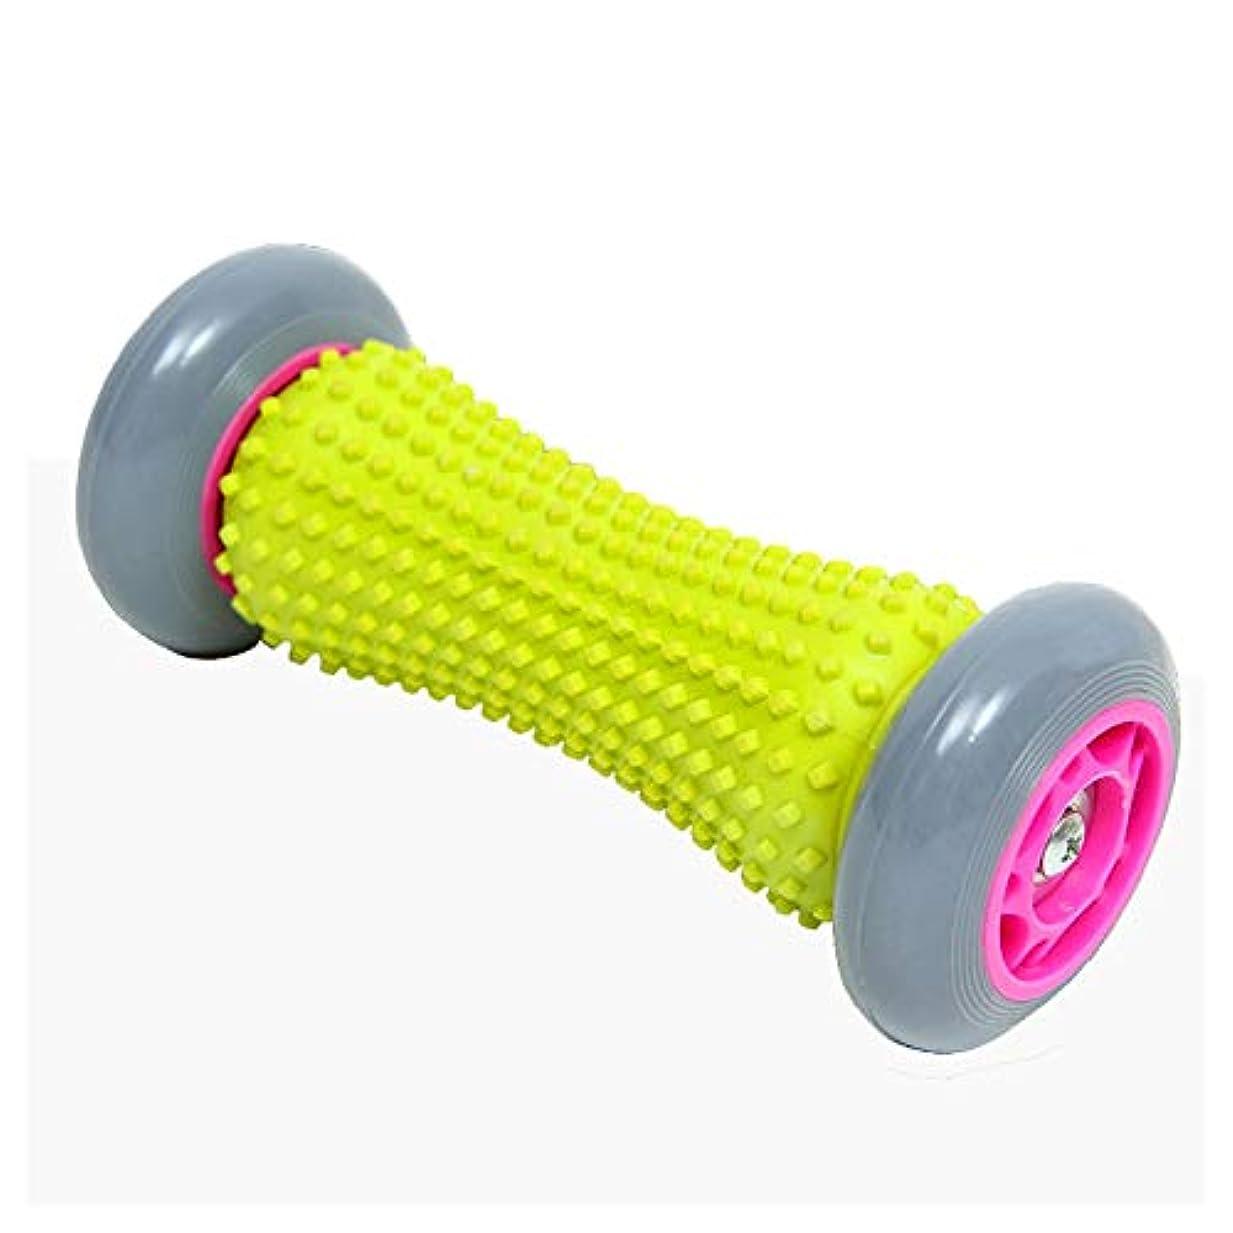 賞賛研究パーツ足底筋膜炎のリフレクソロジーのためのフットローラーマッサージ背中の足の筋肉マッサージャー+ 2先端のとがったボール